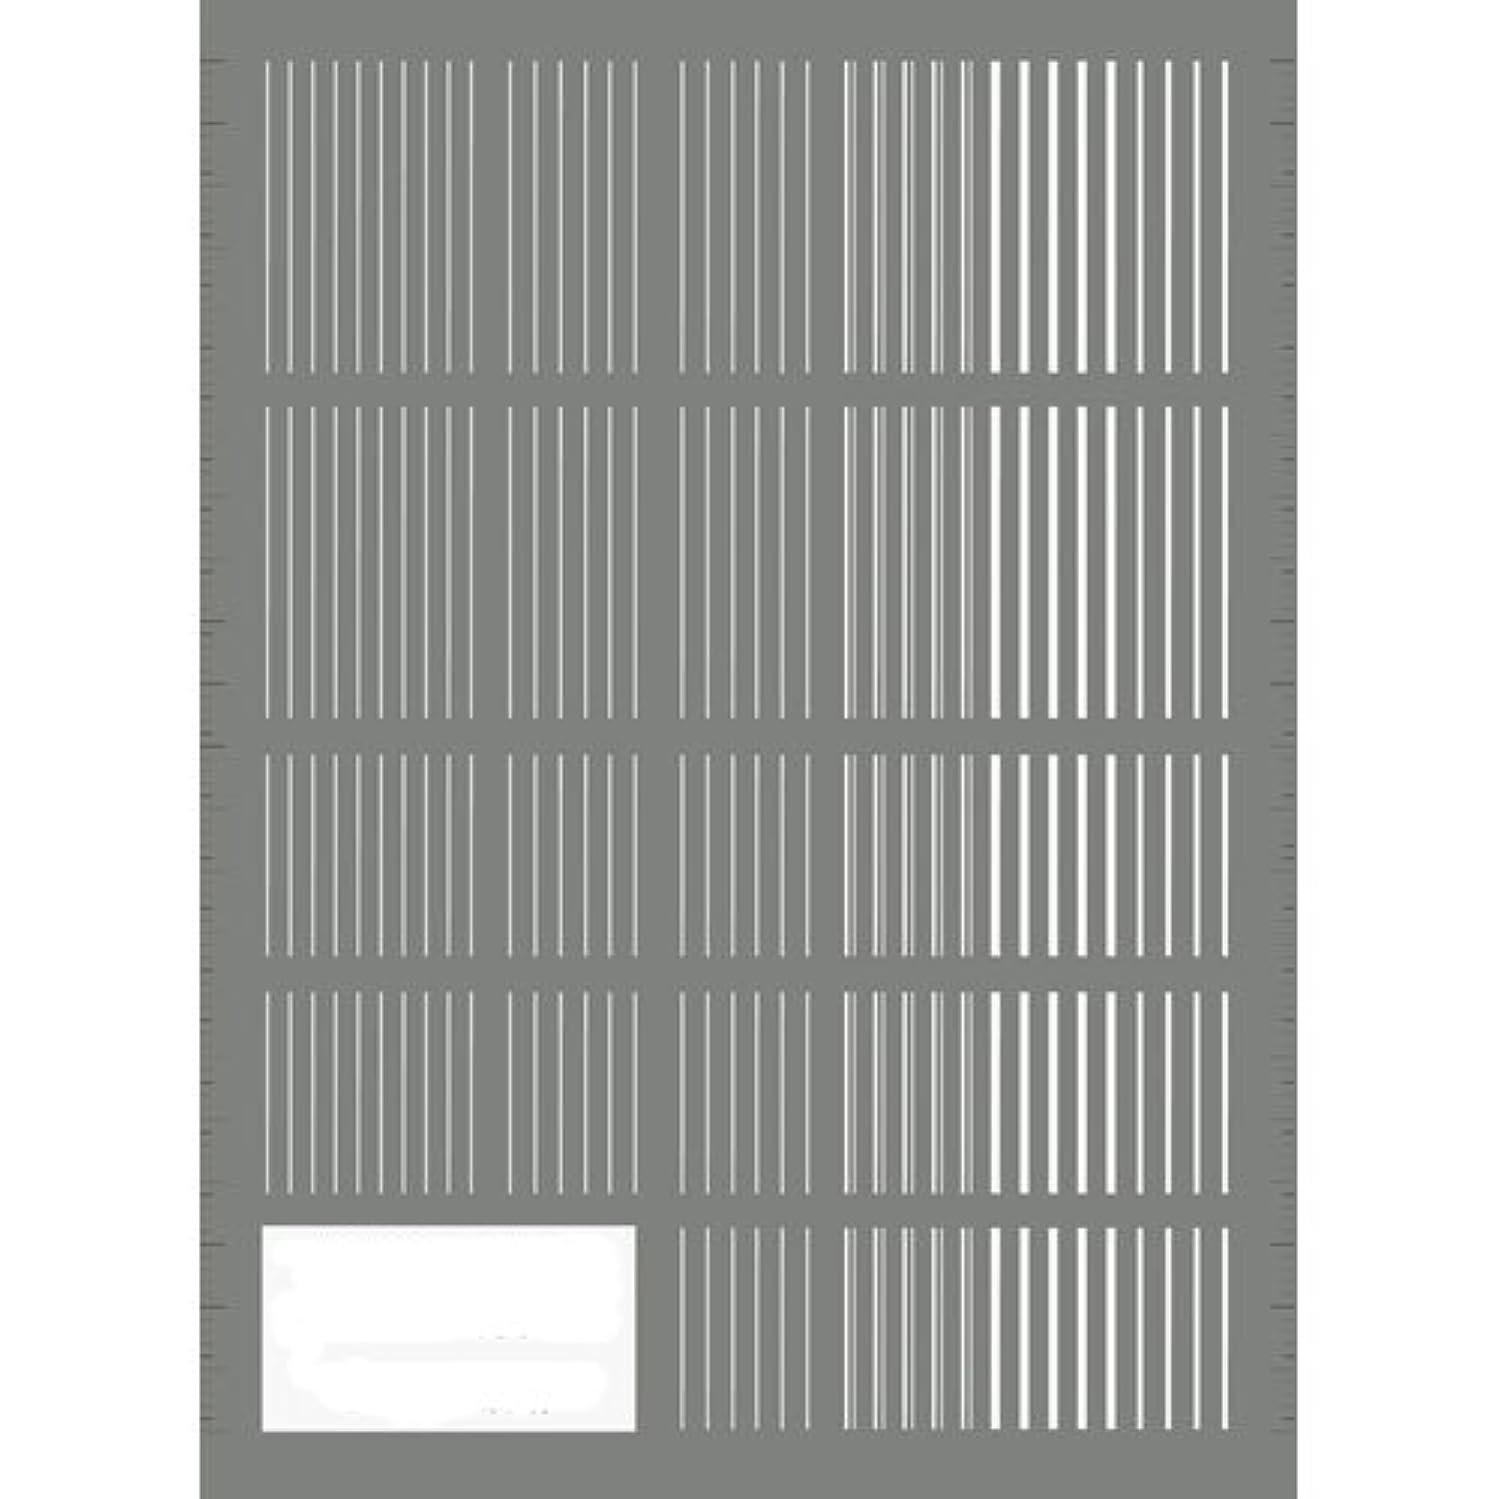 導入するハンカチグラムツメキラ(TSUMEKIRA) ネイル用シール ピンストライプ ホワイト NN-PIN-101